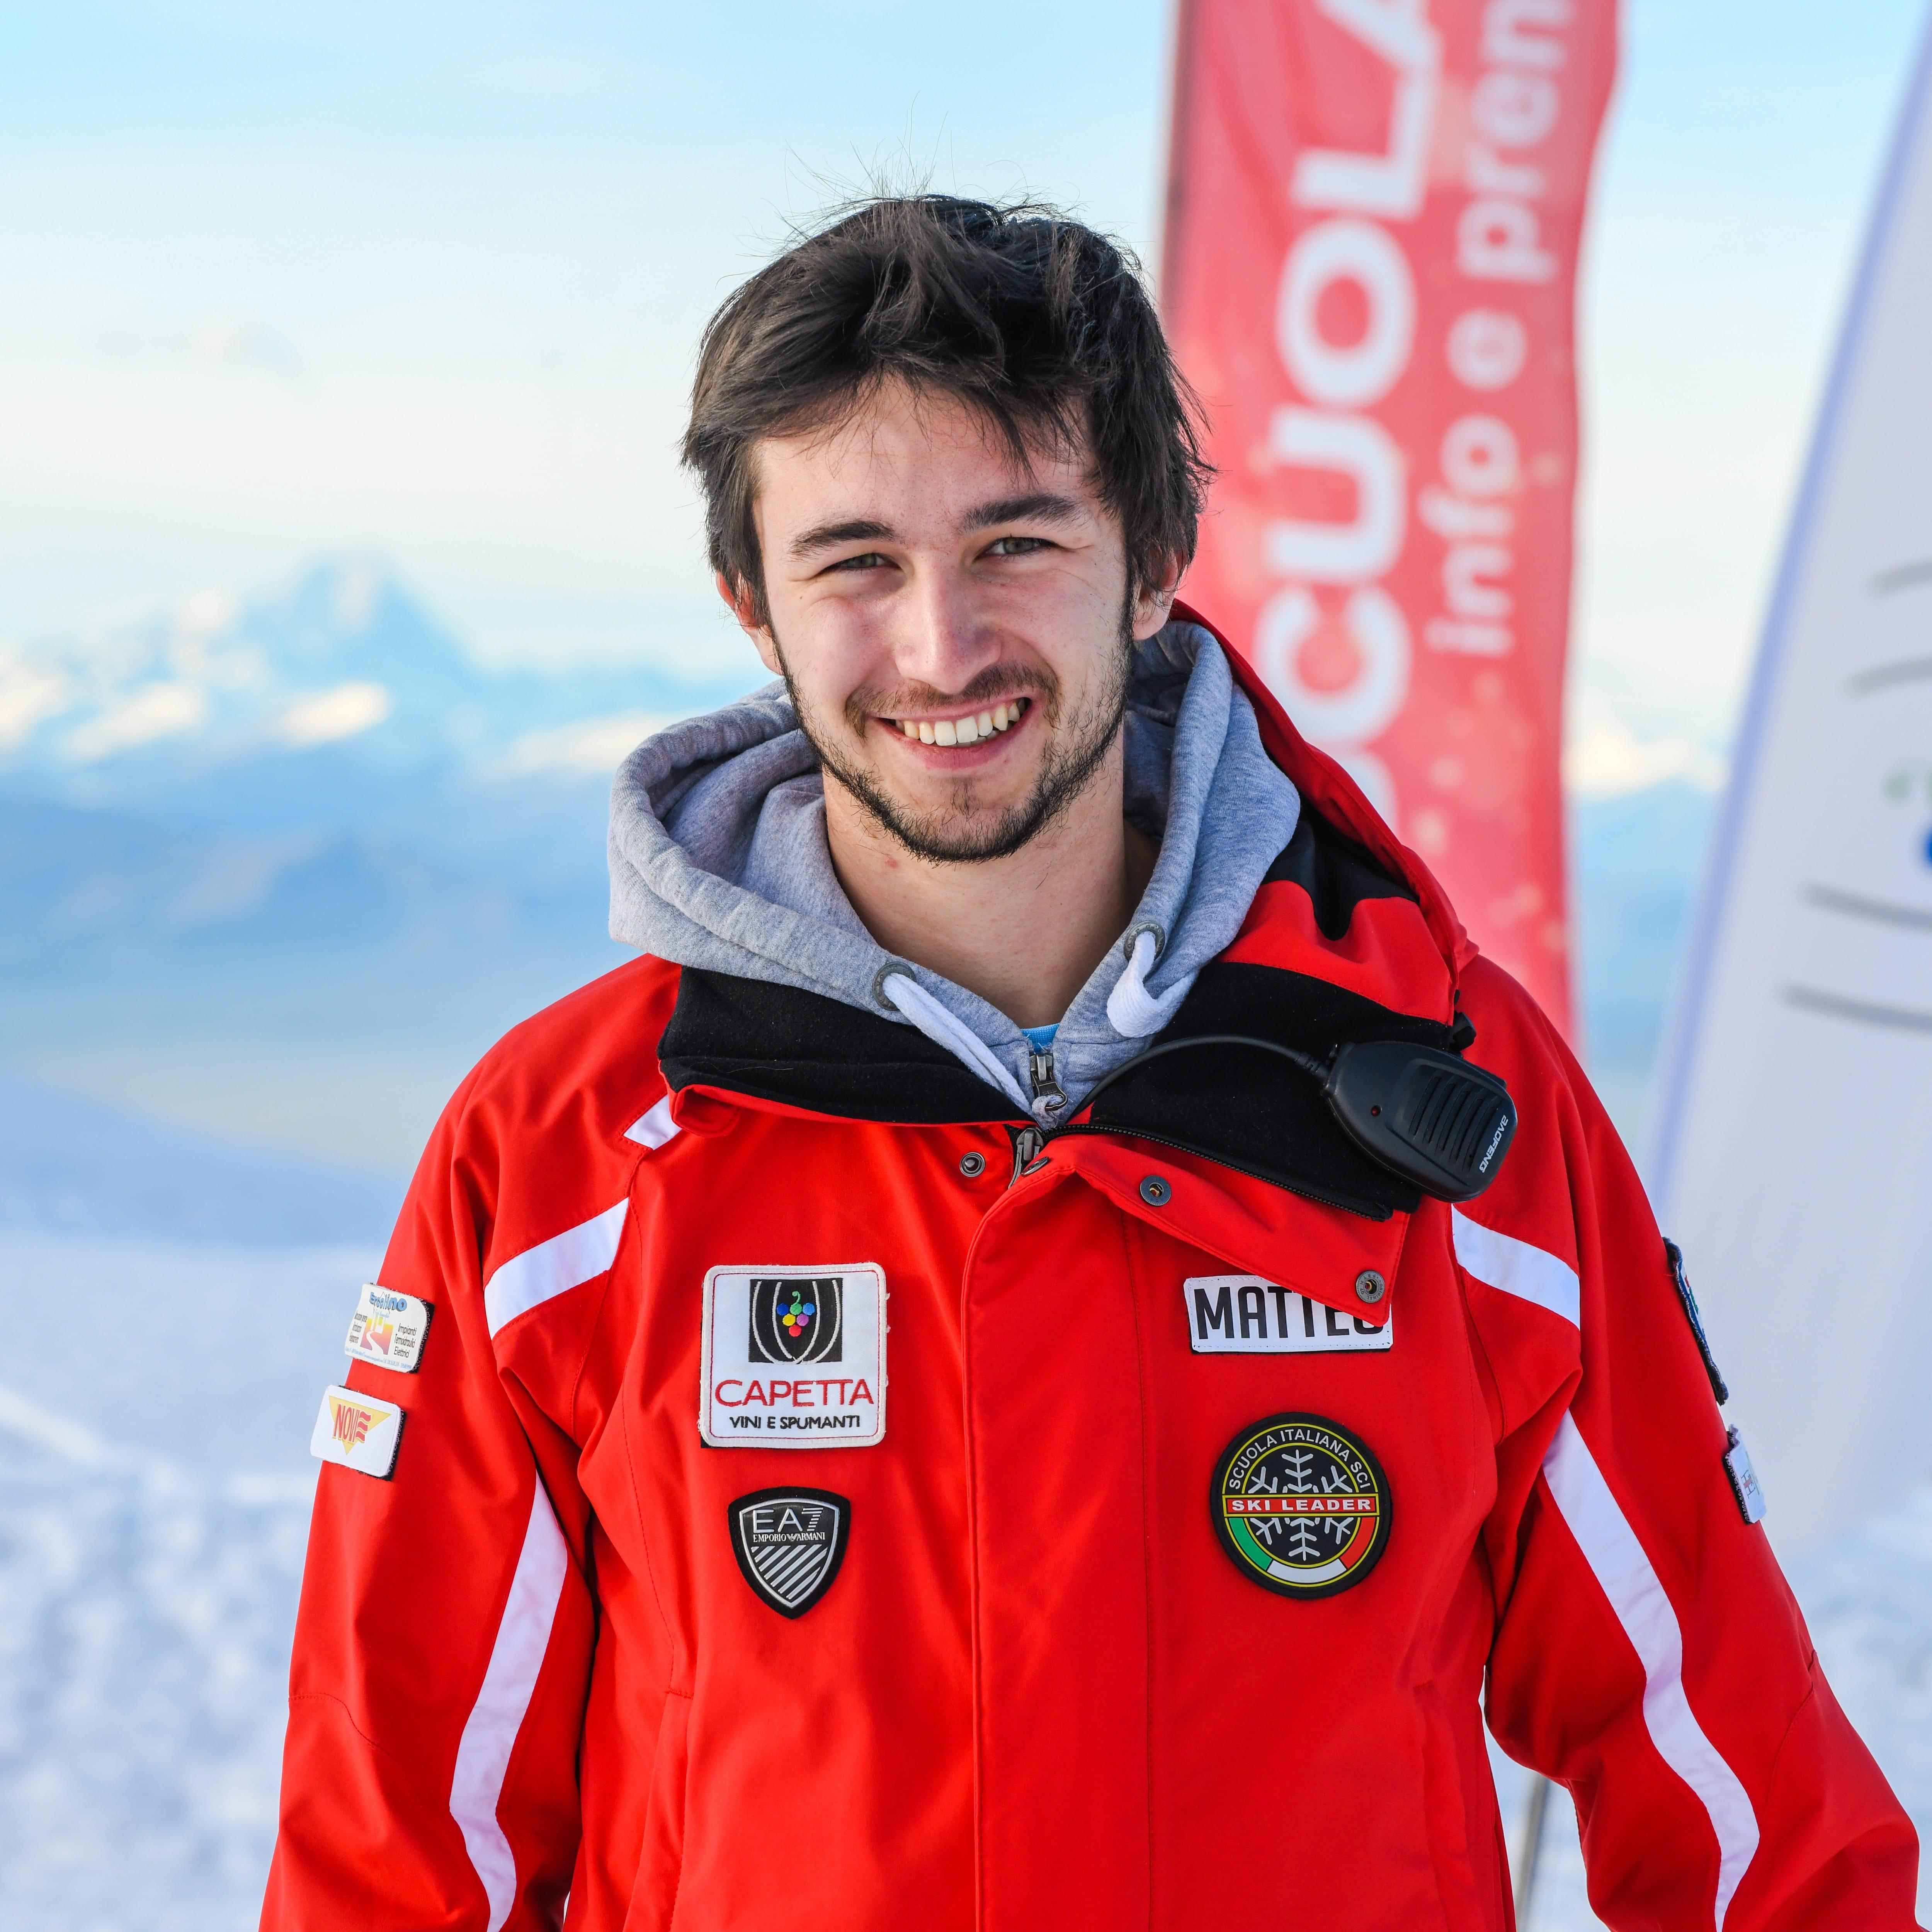 Matteo Bogliolo